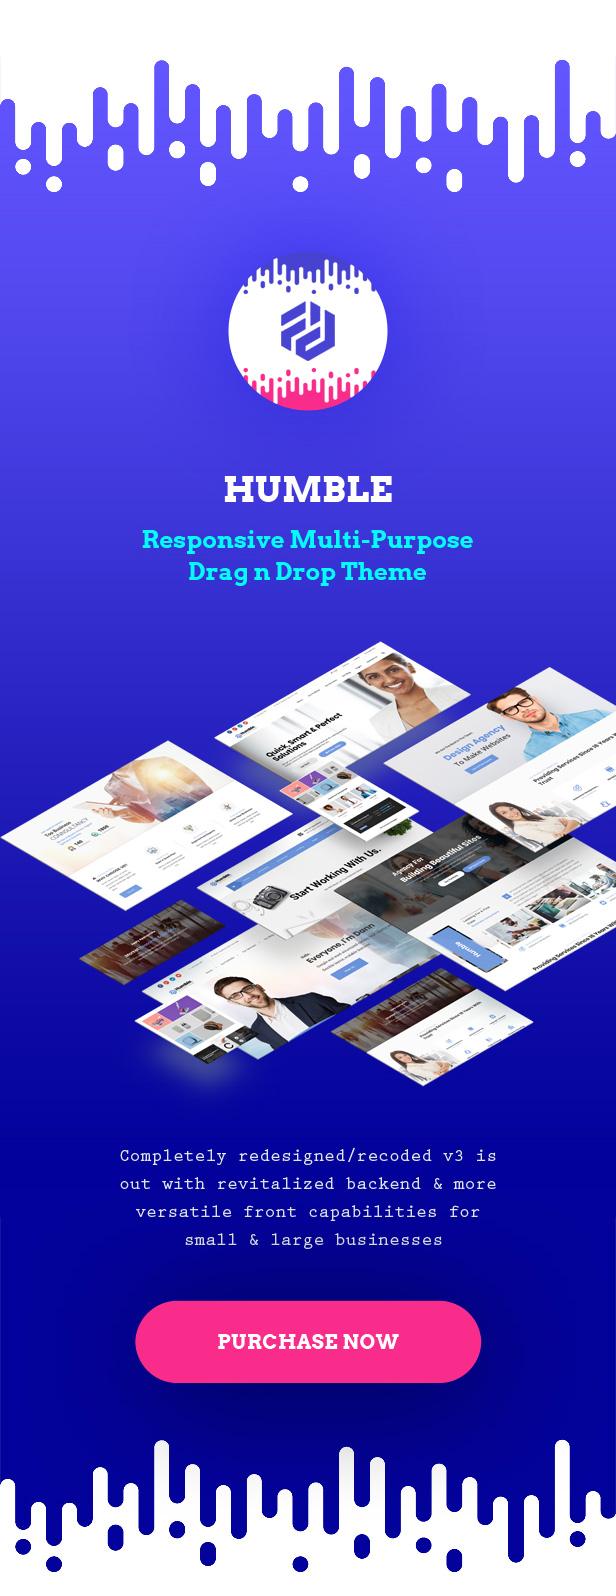 Humble. Responsive Multi-Purpose Drag n Drop Theme Download